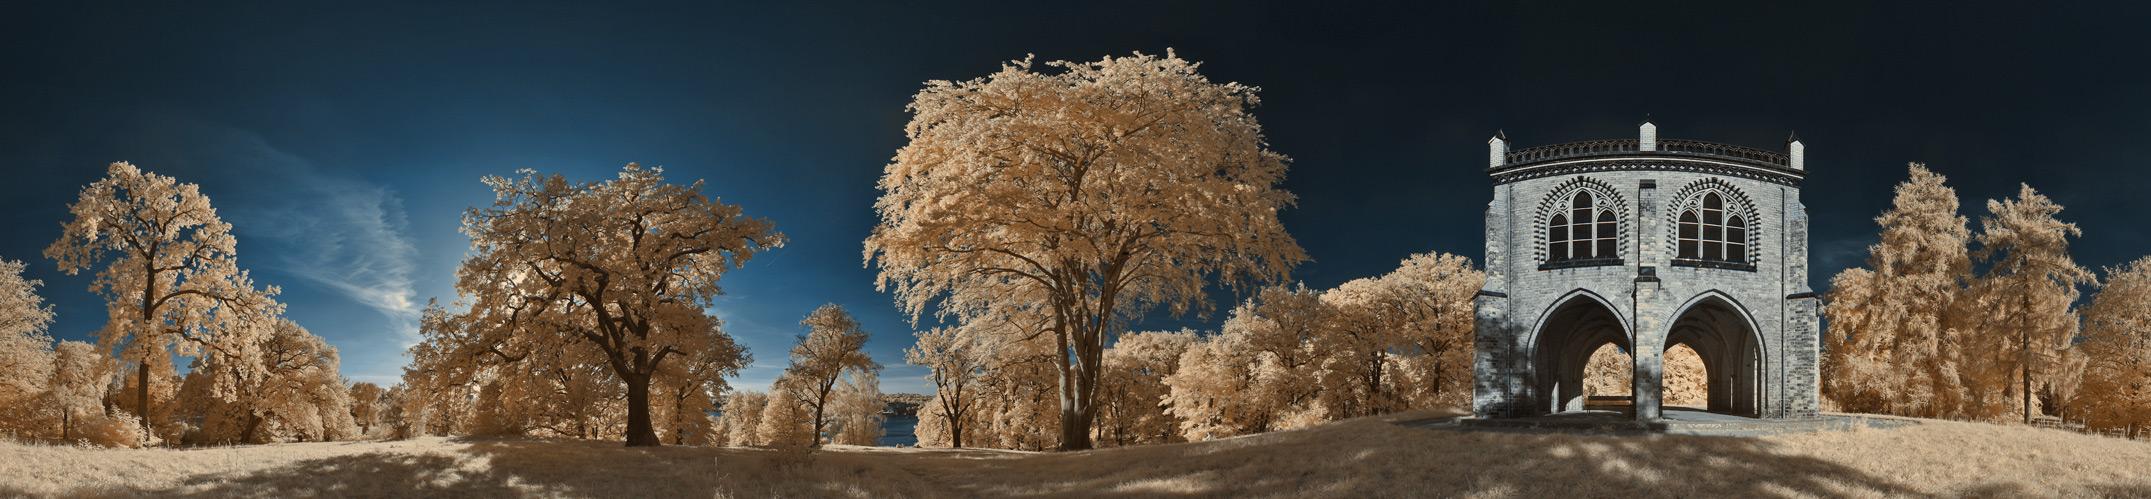 Herbst im Park Babelsberg